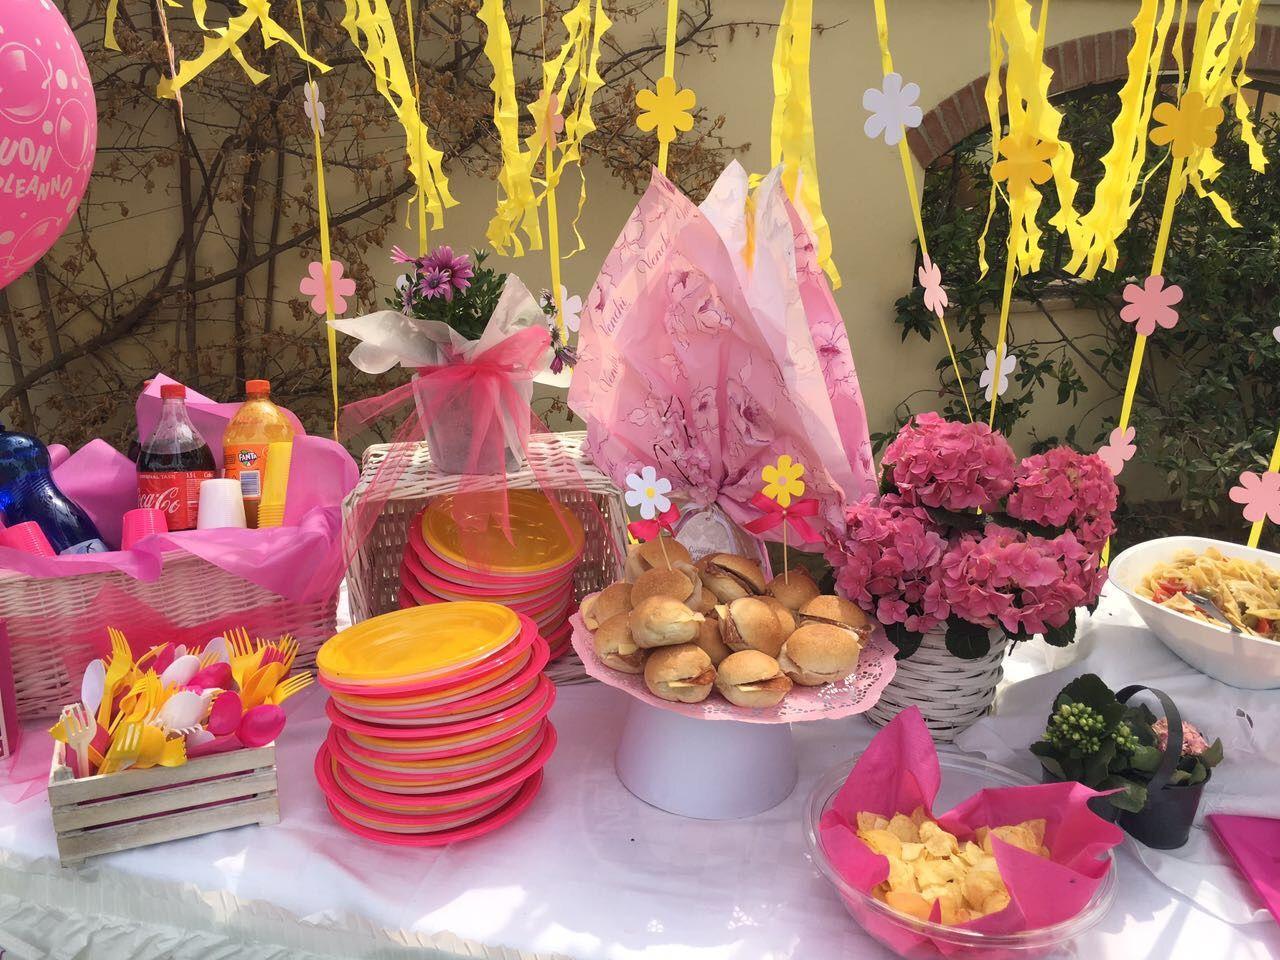 Tavolo Compleanno Bambina : Tavolo compleanno bambina fucsia giallo e bianco allestimento